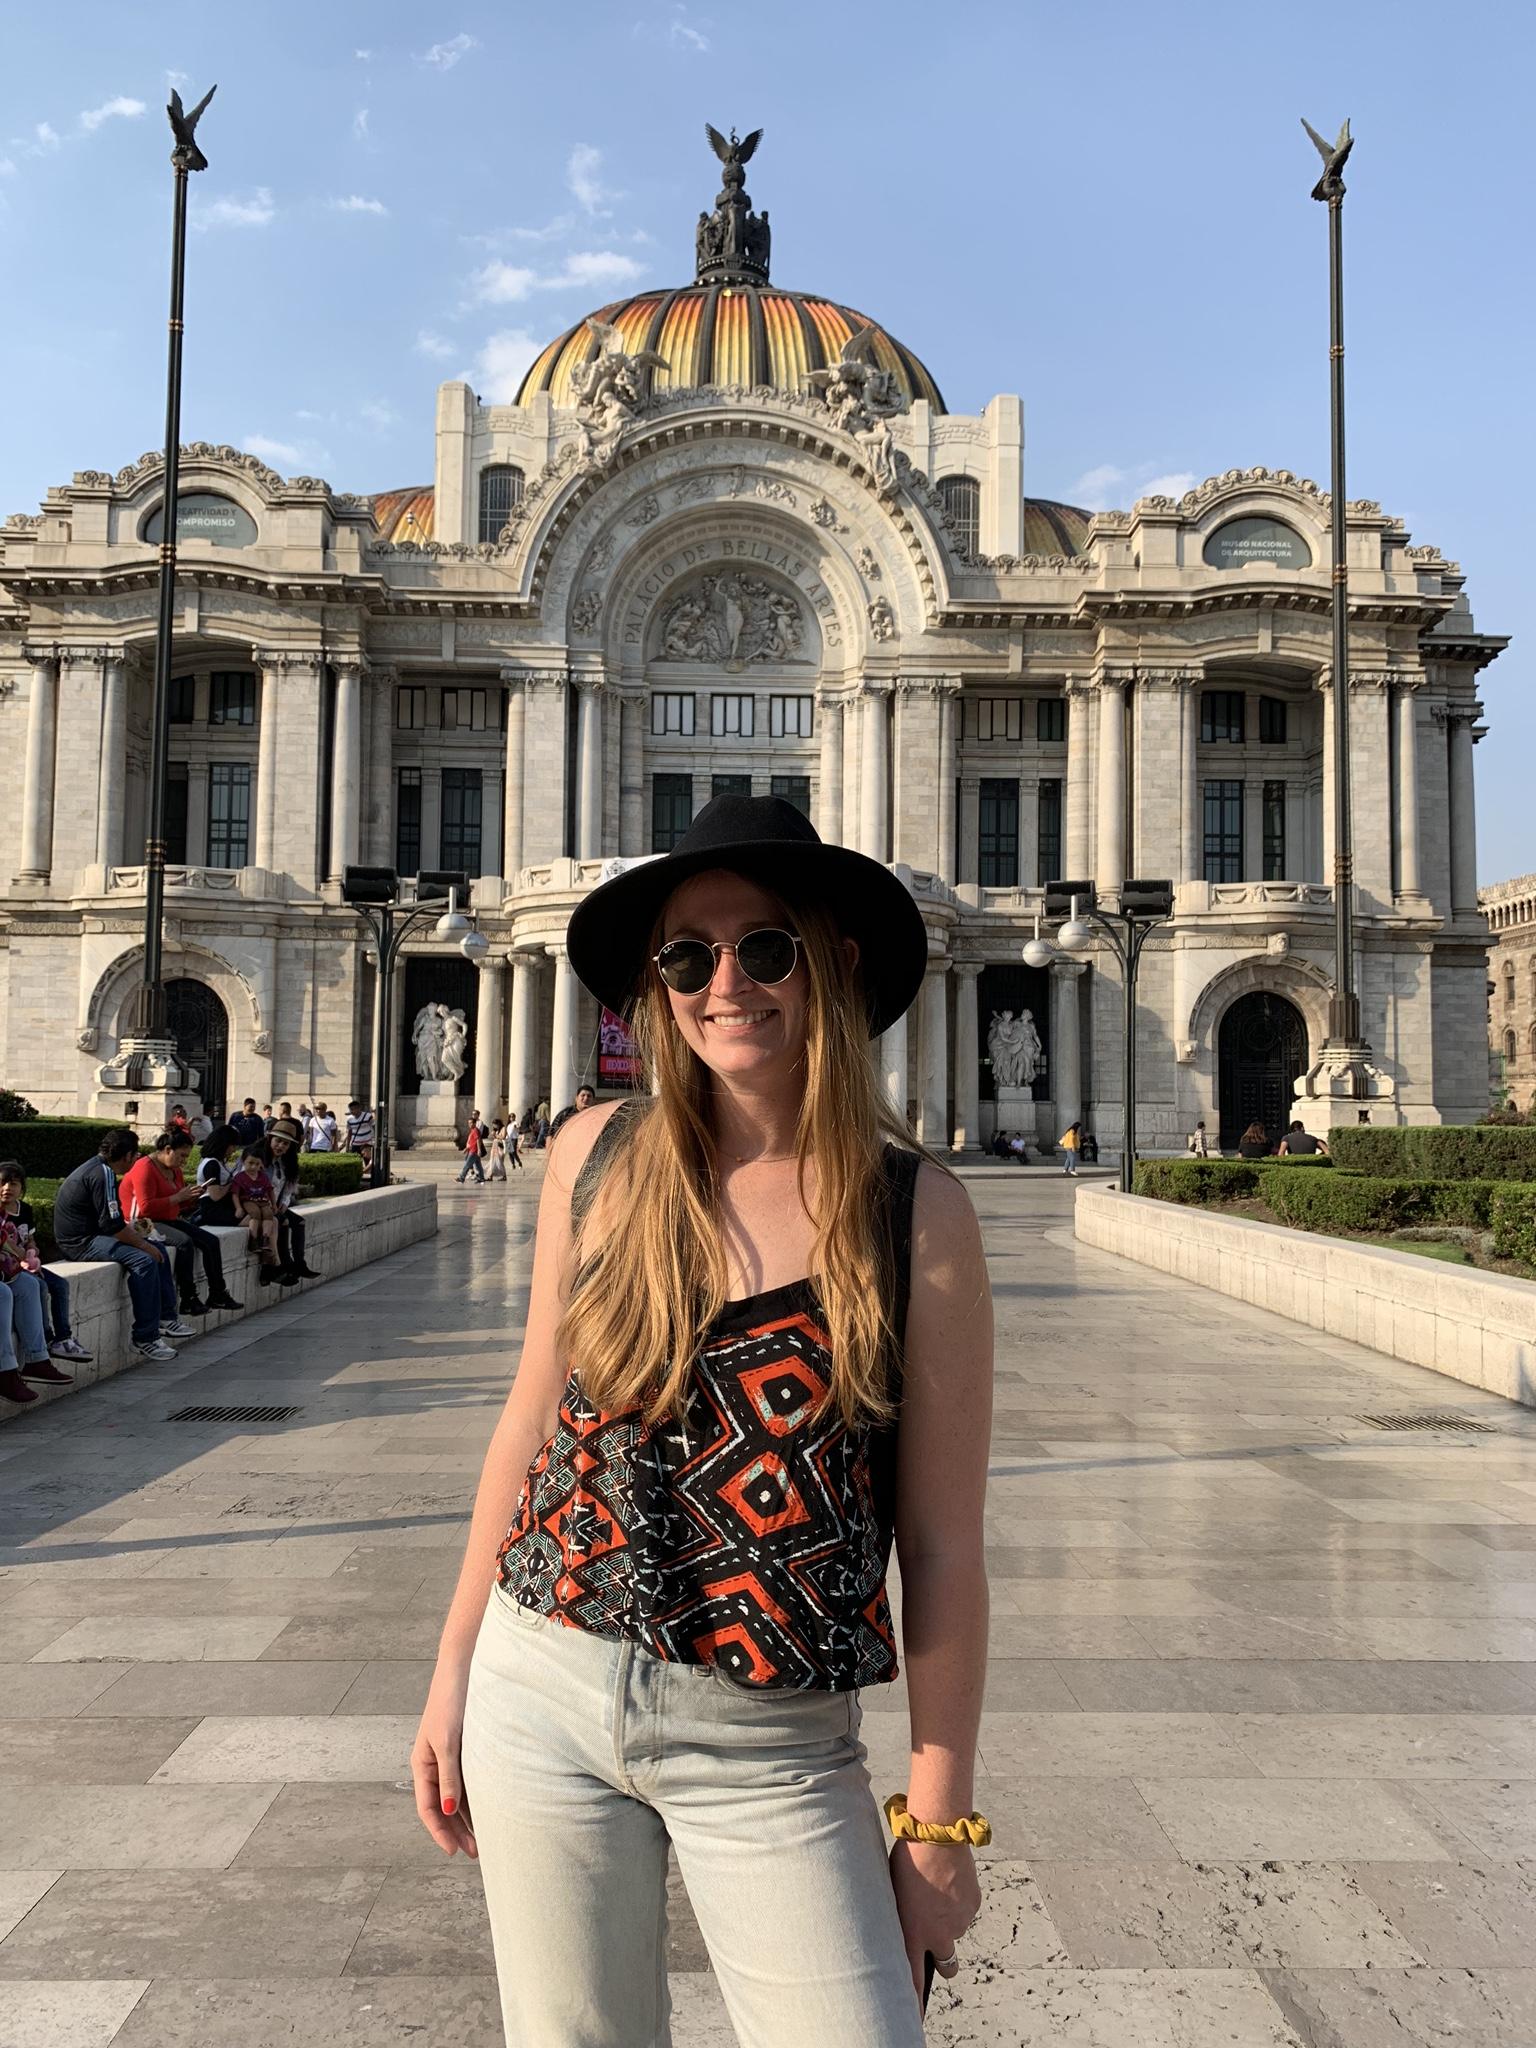 Palacio belles artes